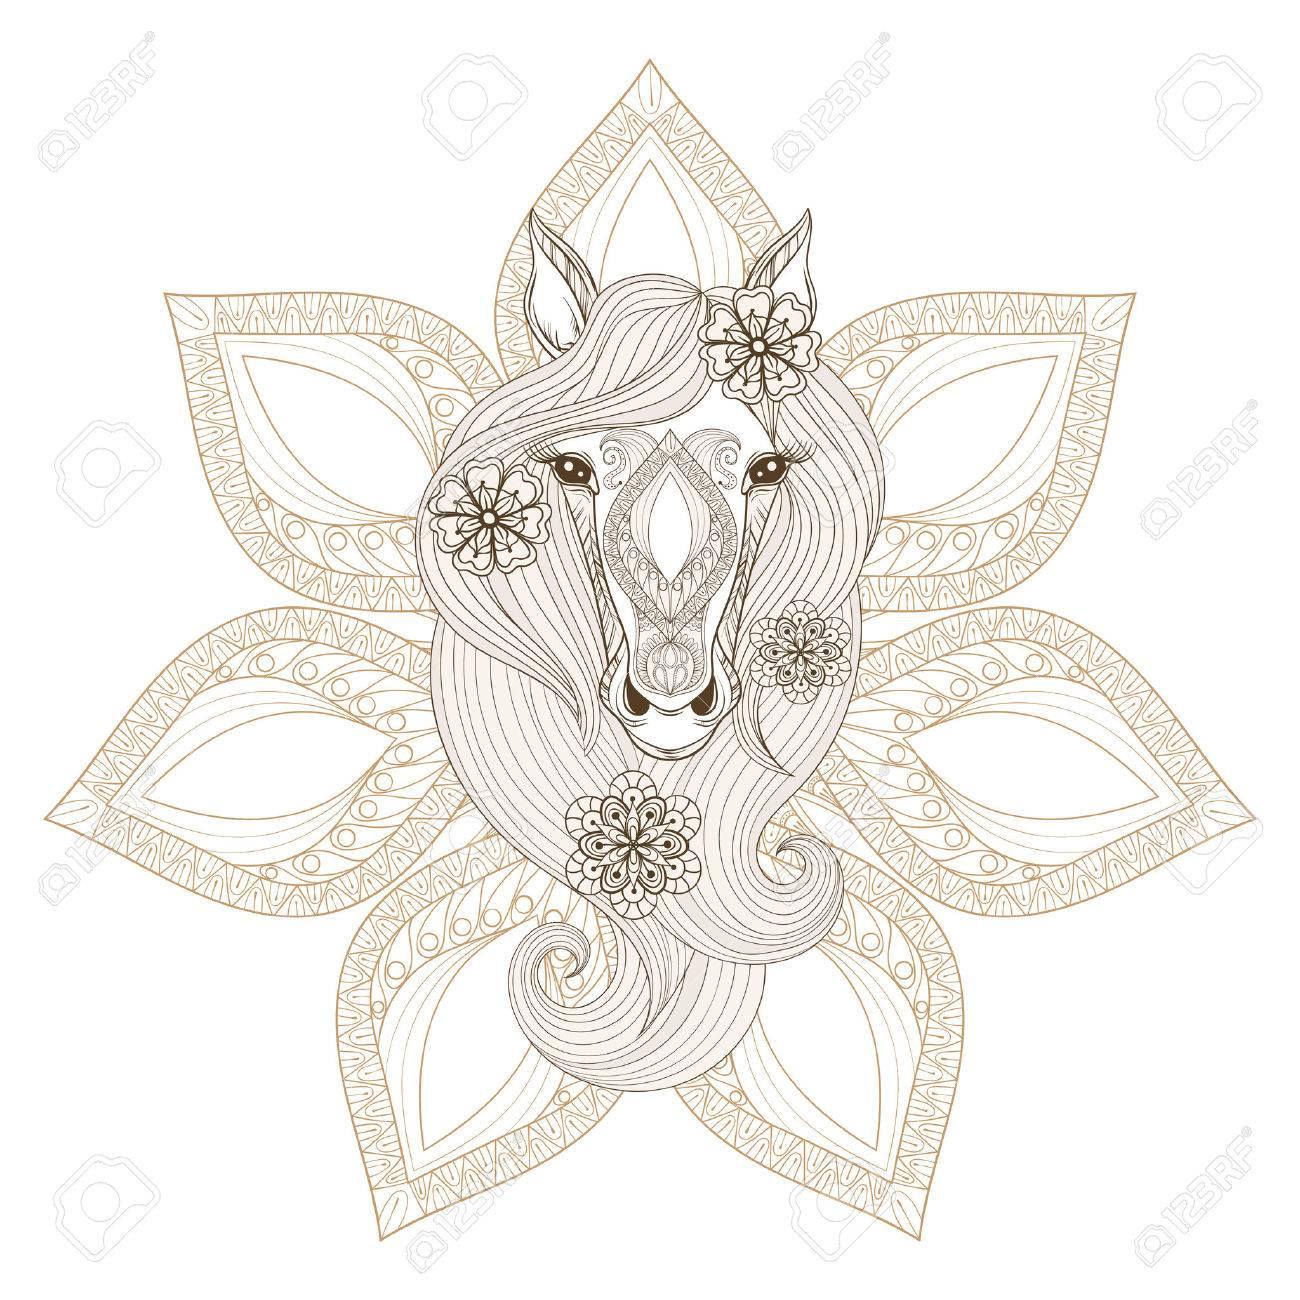 Cheval Vector. Coloriage Avec Le Visage De Cheval Sur Mandala Fond. Hand  Drawn Modelée Cheval Avec Des Fleurs Dans Les Cheveux, Artistiquement  Cheval dedans Dessin De Cheval A Colorier